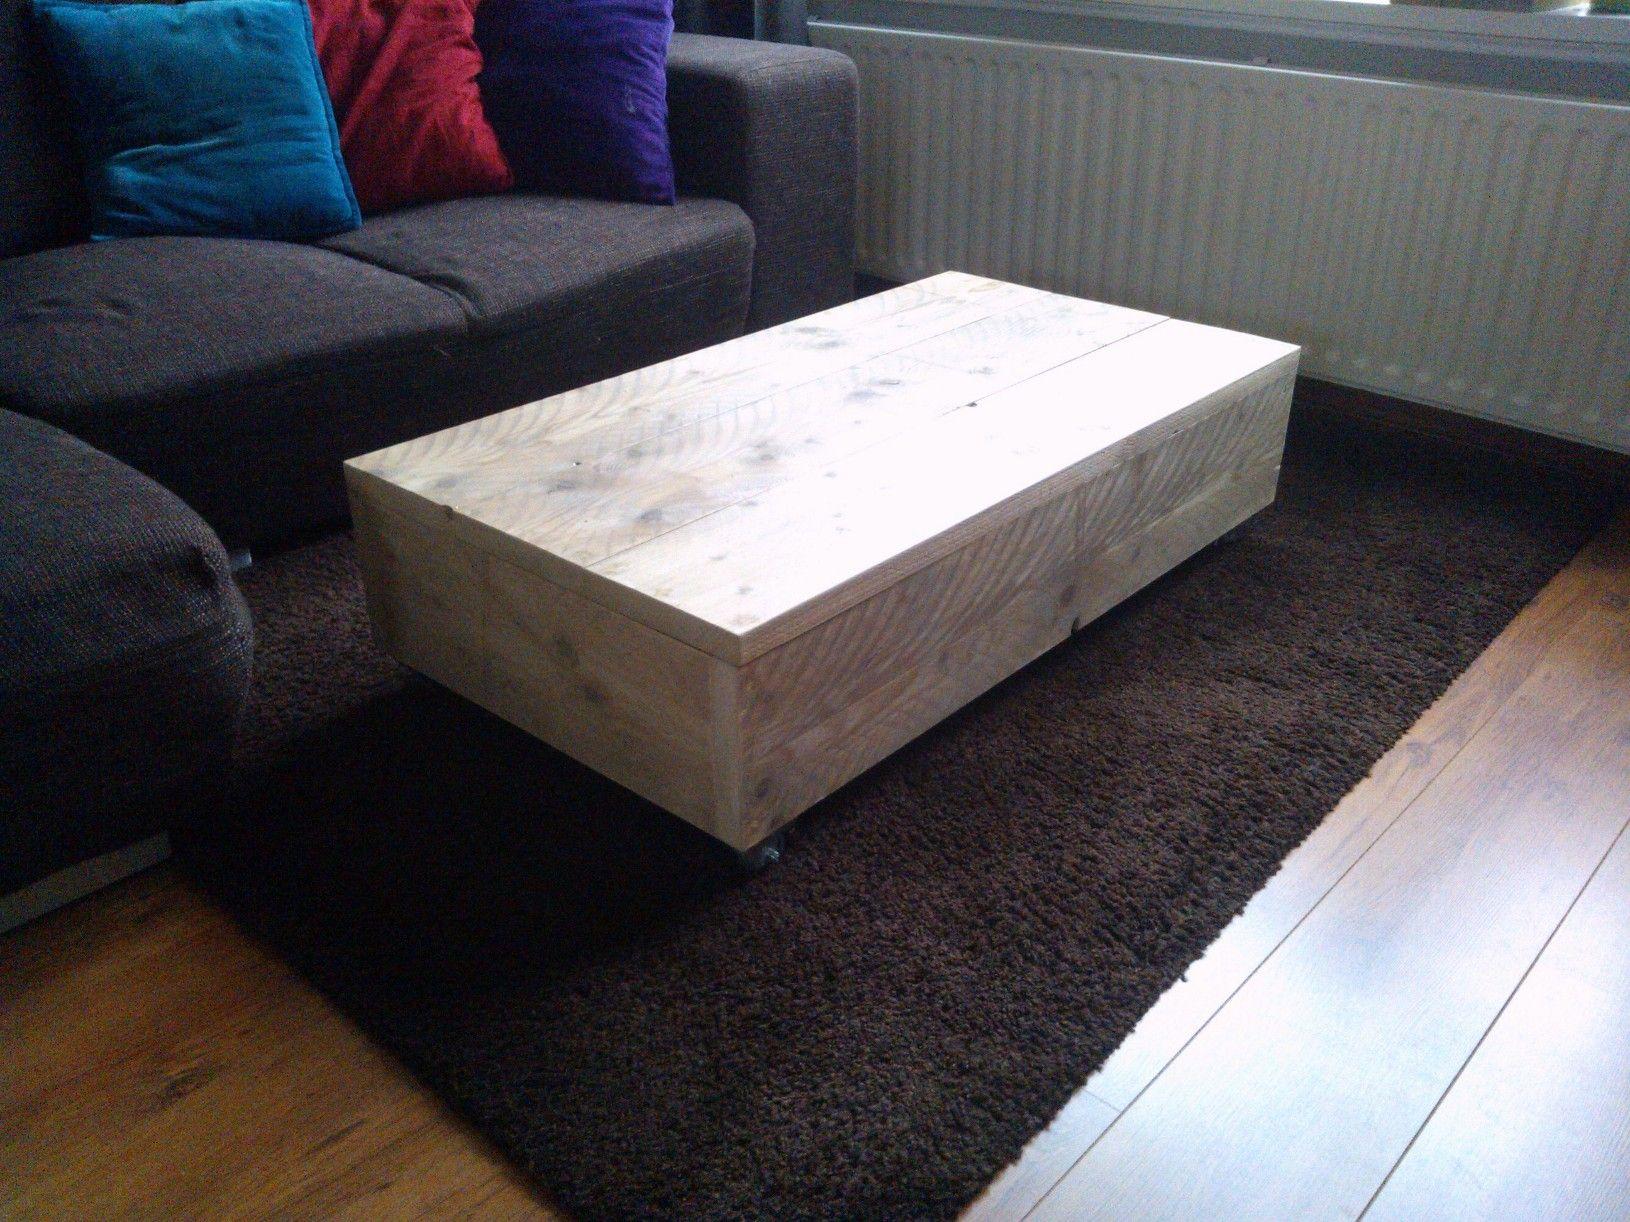 Geef uw woonkamer een nieuwe look met deze salontafel Ties! De tafel is gemaakt van gebruikt steigerhout en afgewerkt met grey wash voor een robuuste uitstraling. De afmetingen van dit model zijn 110x60x30 en kost €139,-. Andere maten en houtsoorten zijn mogelijk op aanvraag, neem voor meer informatie even een kijkje op de site: http://www.fjbmeubels.nl/172688965